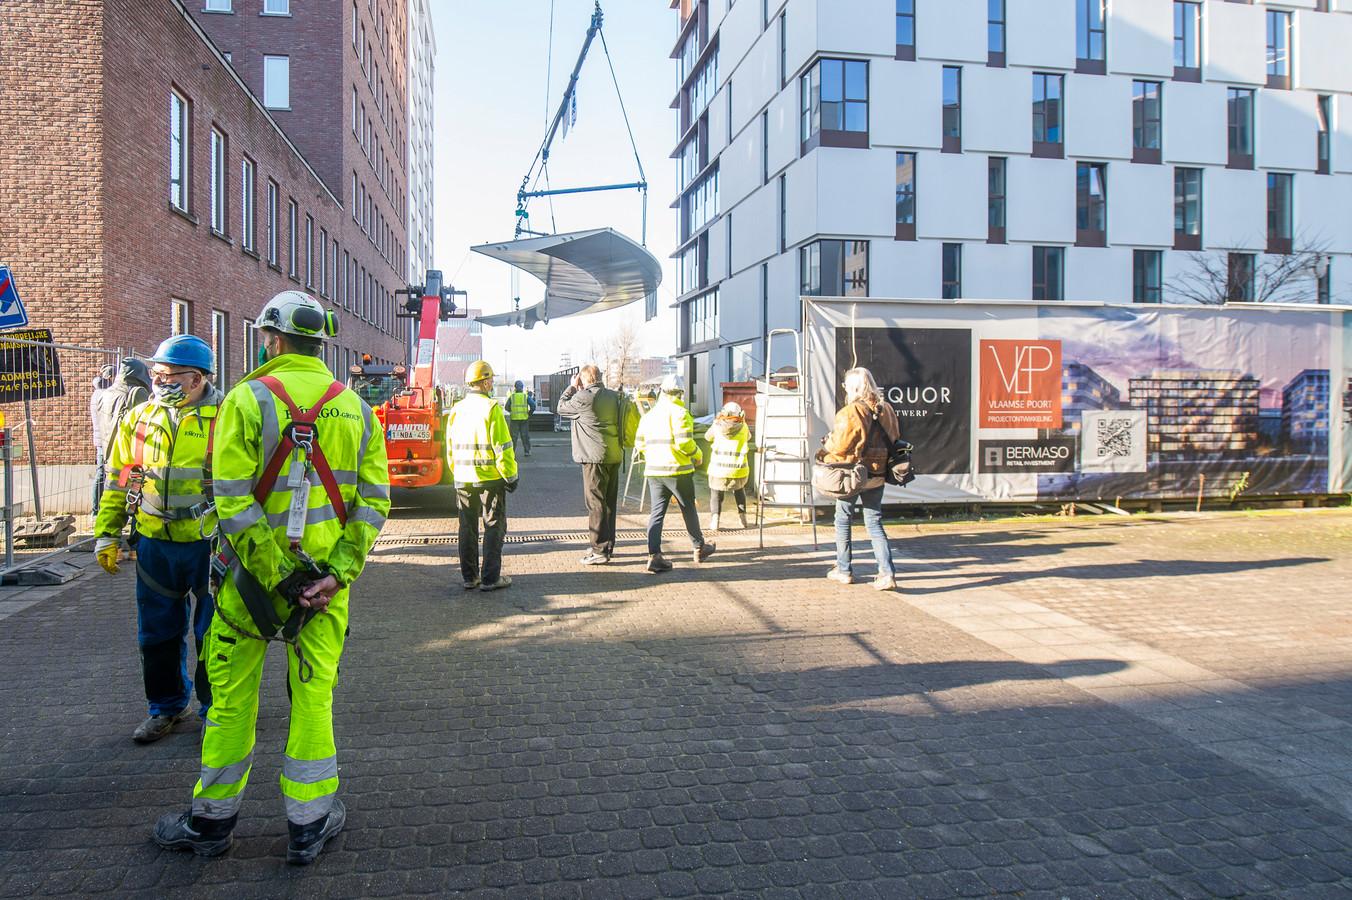 Vanaf vandaag worden de verschillende brugelementen van de fietshelling aan de Parkbrug naar hun definitieve locatie in Antwerpen gebracht. De ingebruikname van de fietshelling is gepland voor mei 2021.